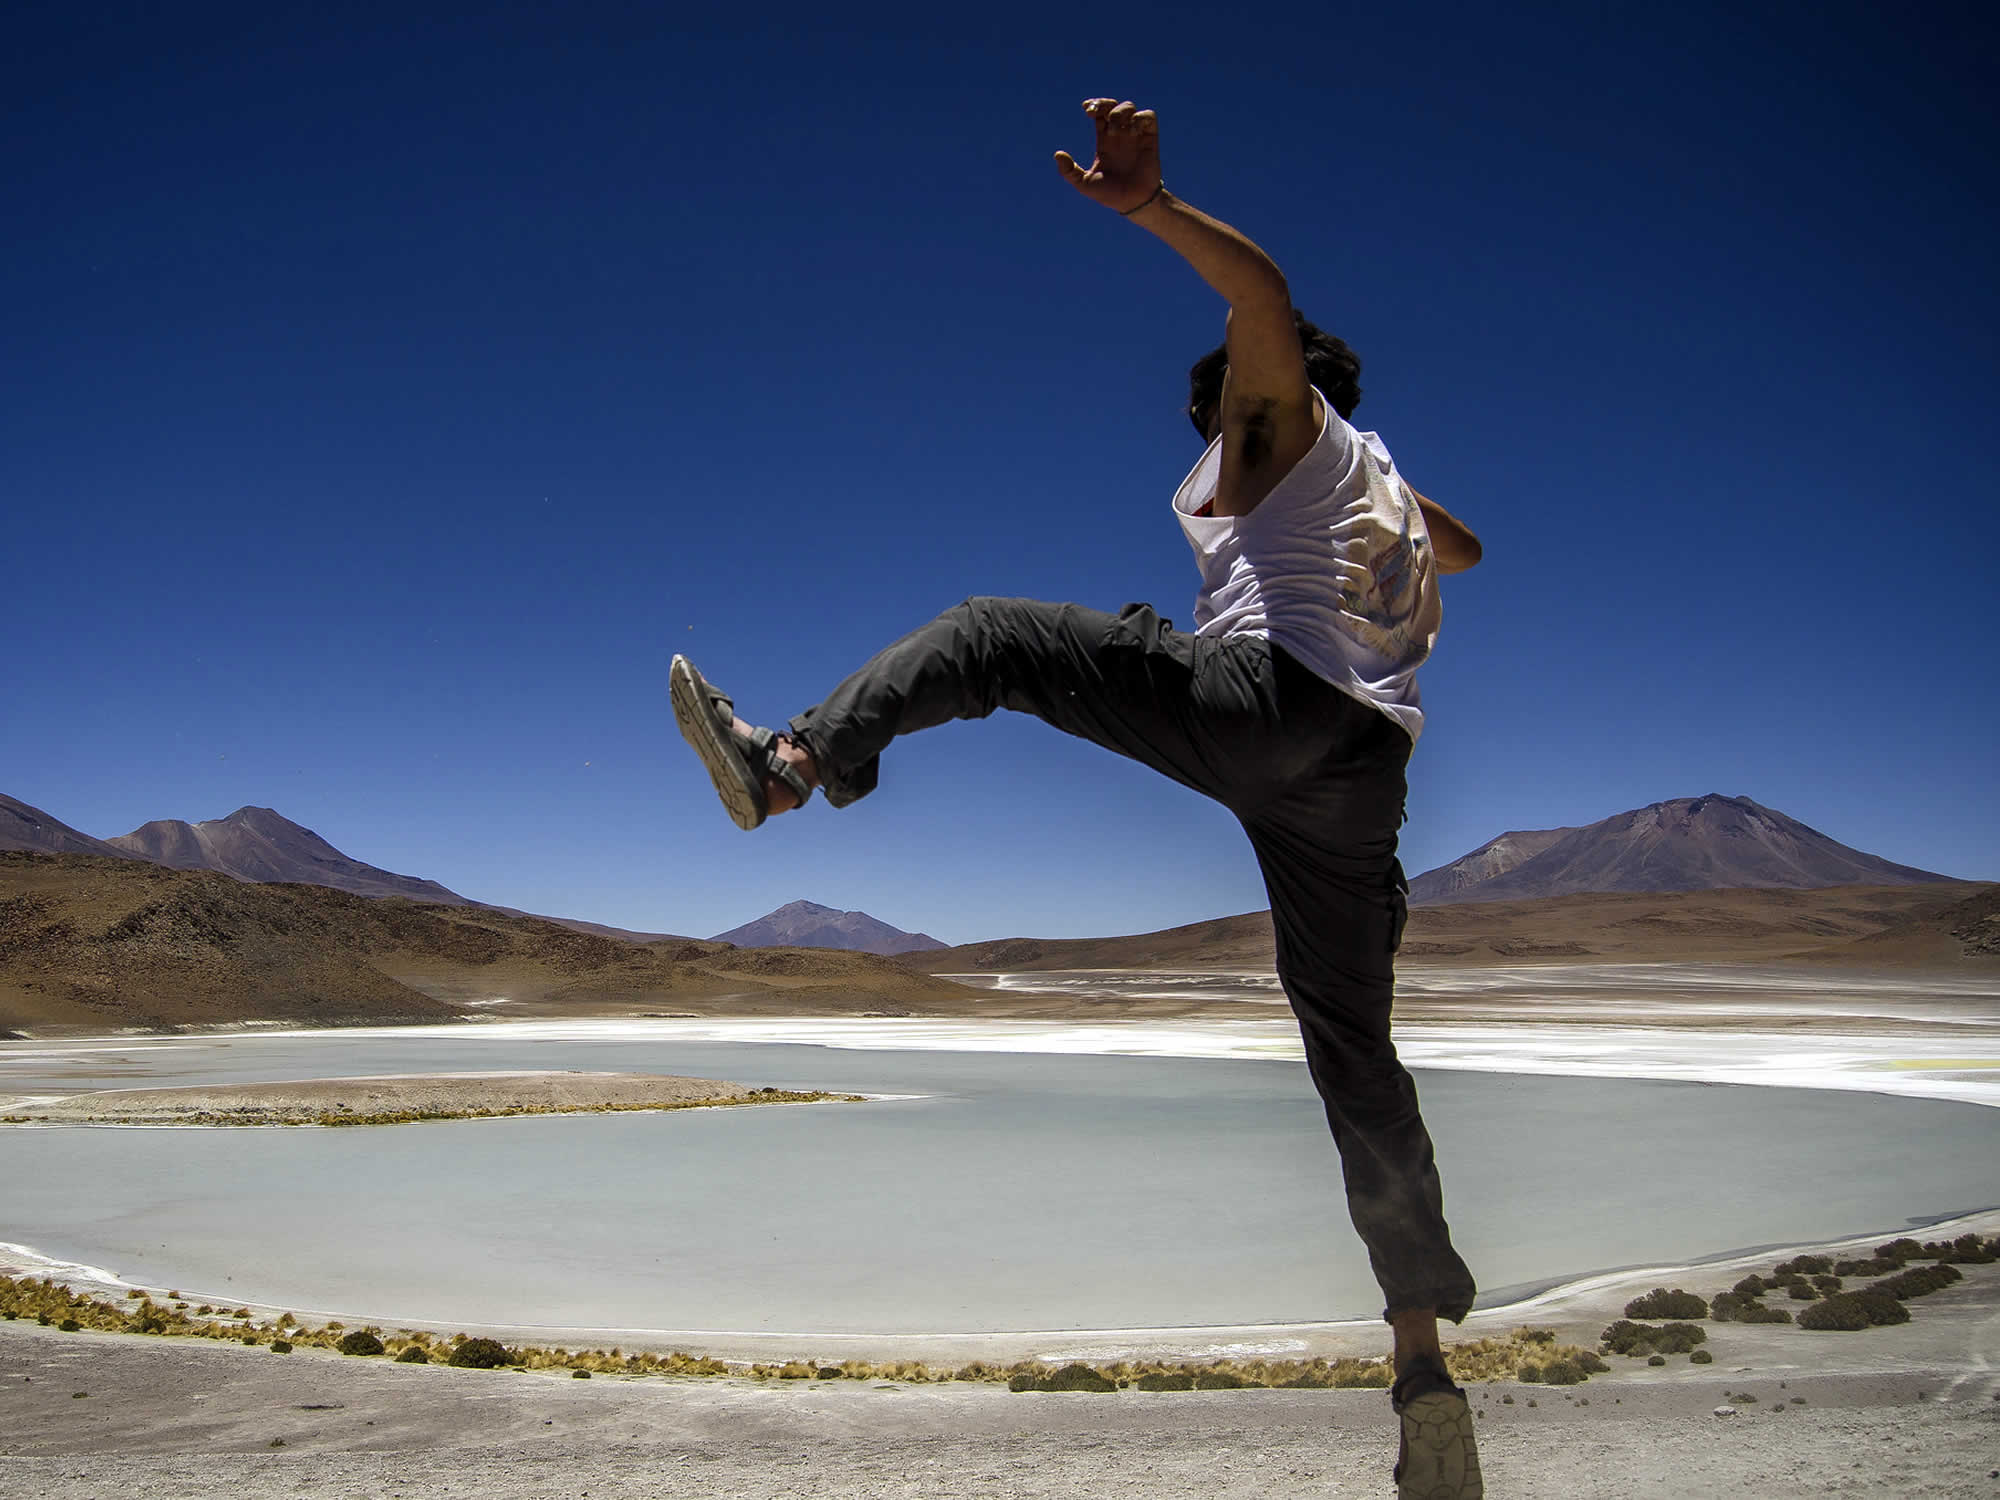 Uyuni Salt Flat - Lagoons and San Pedro de Atacama (Chile), Uyuni